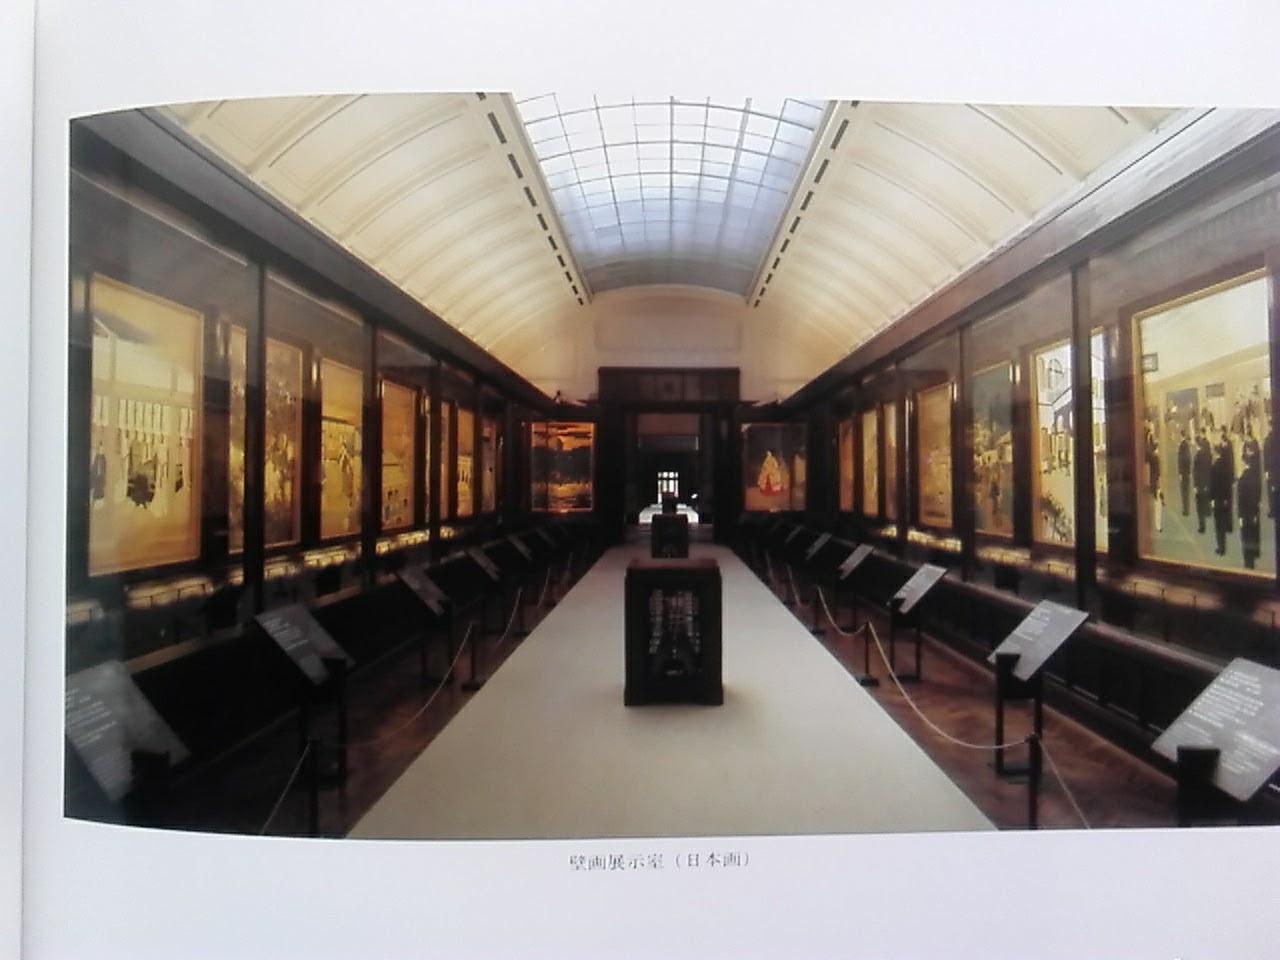 千駄木菜園: 続・聖徳記念絵画館の中